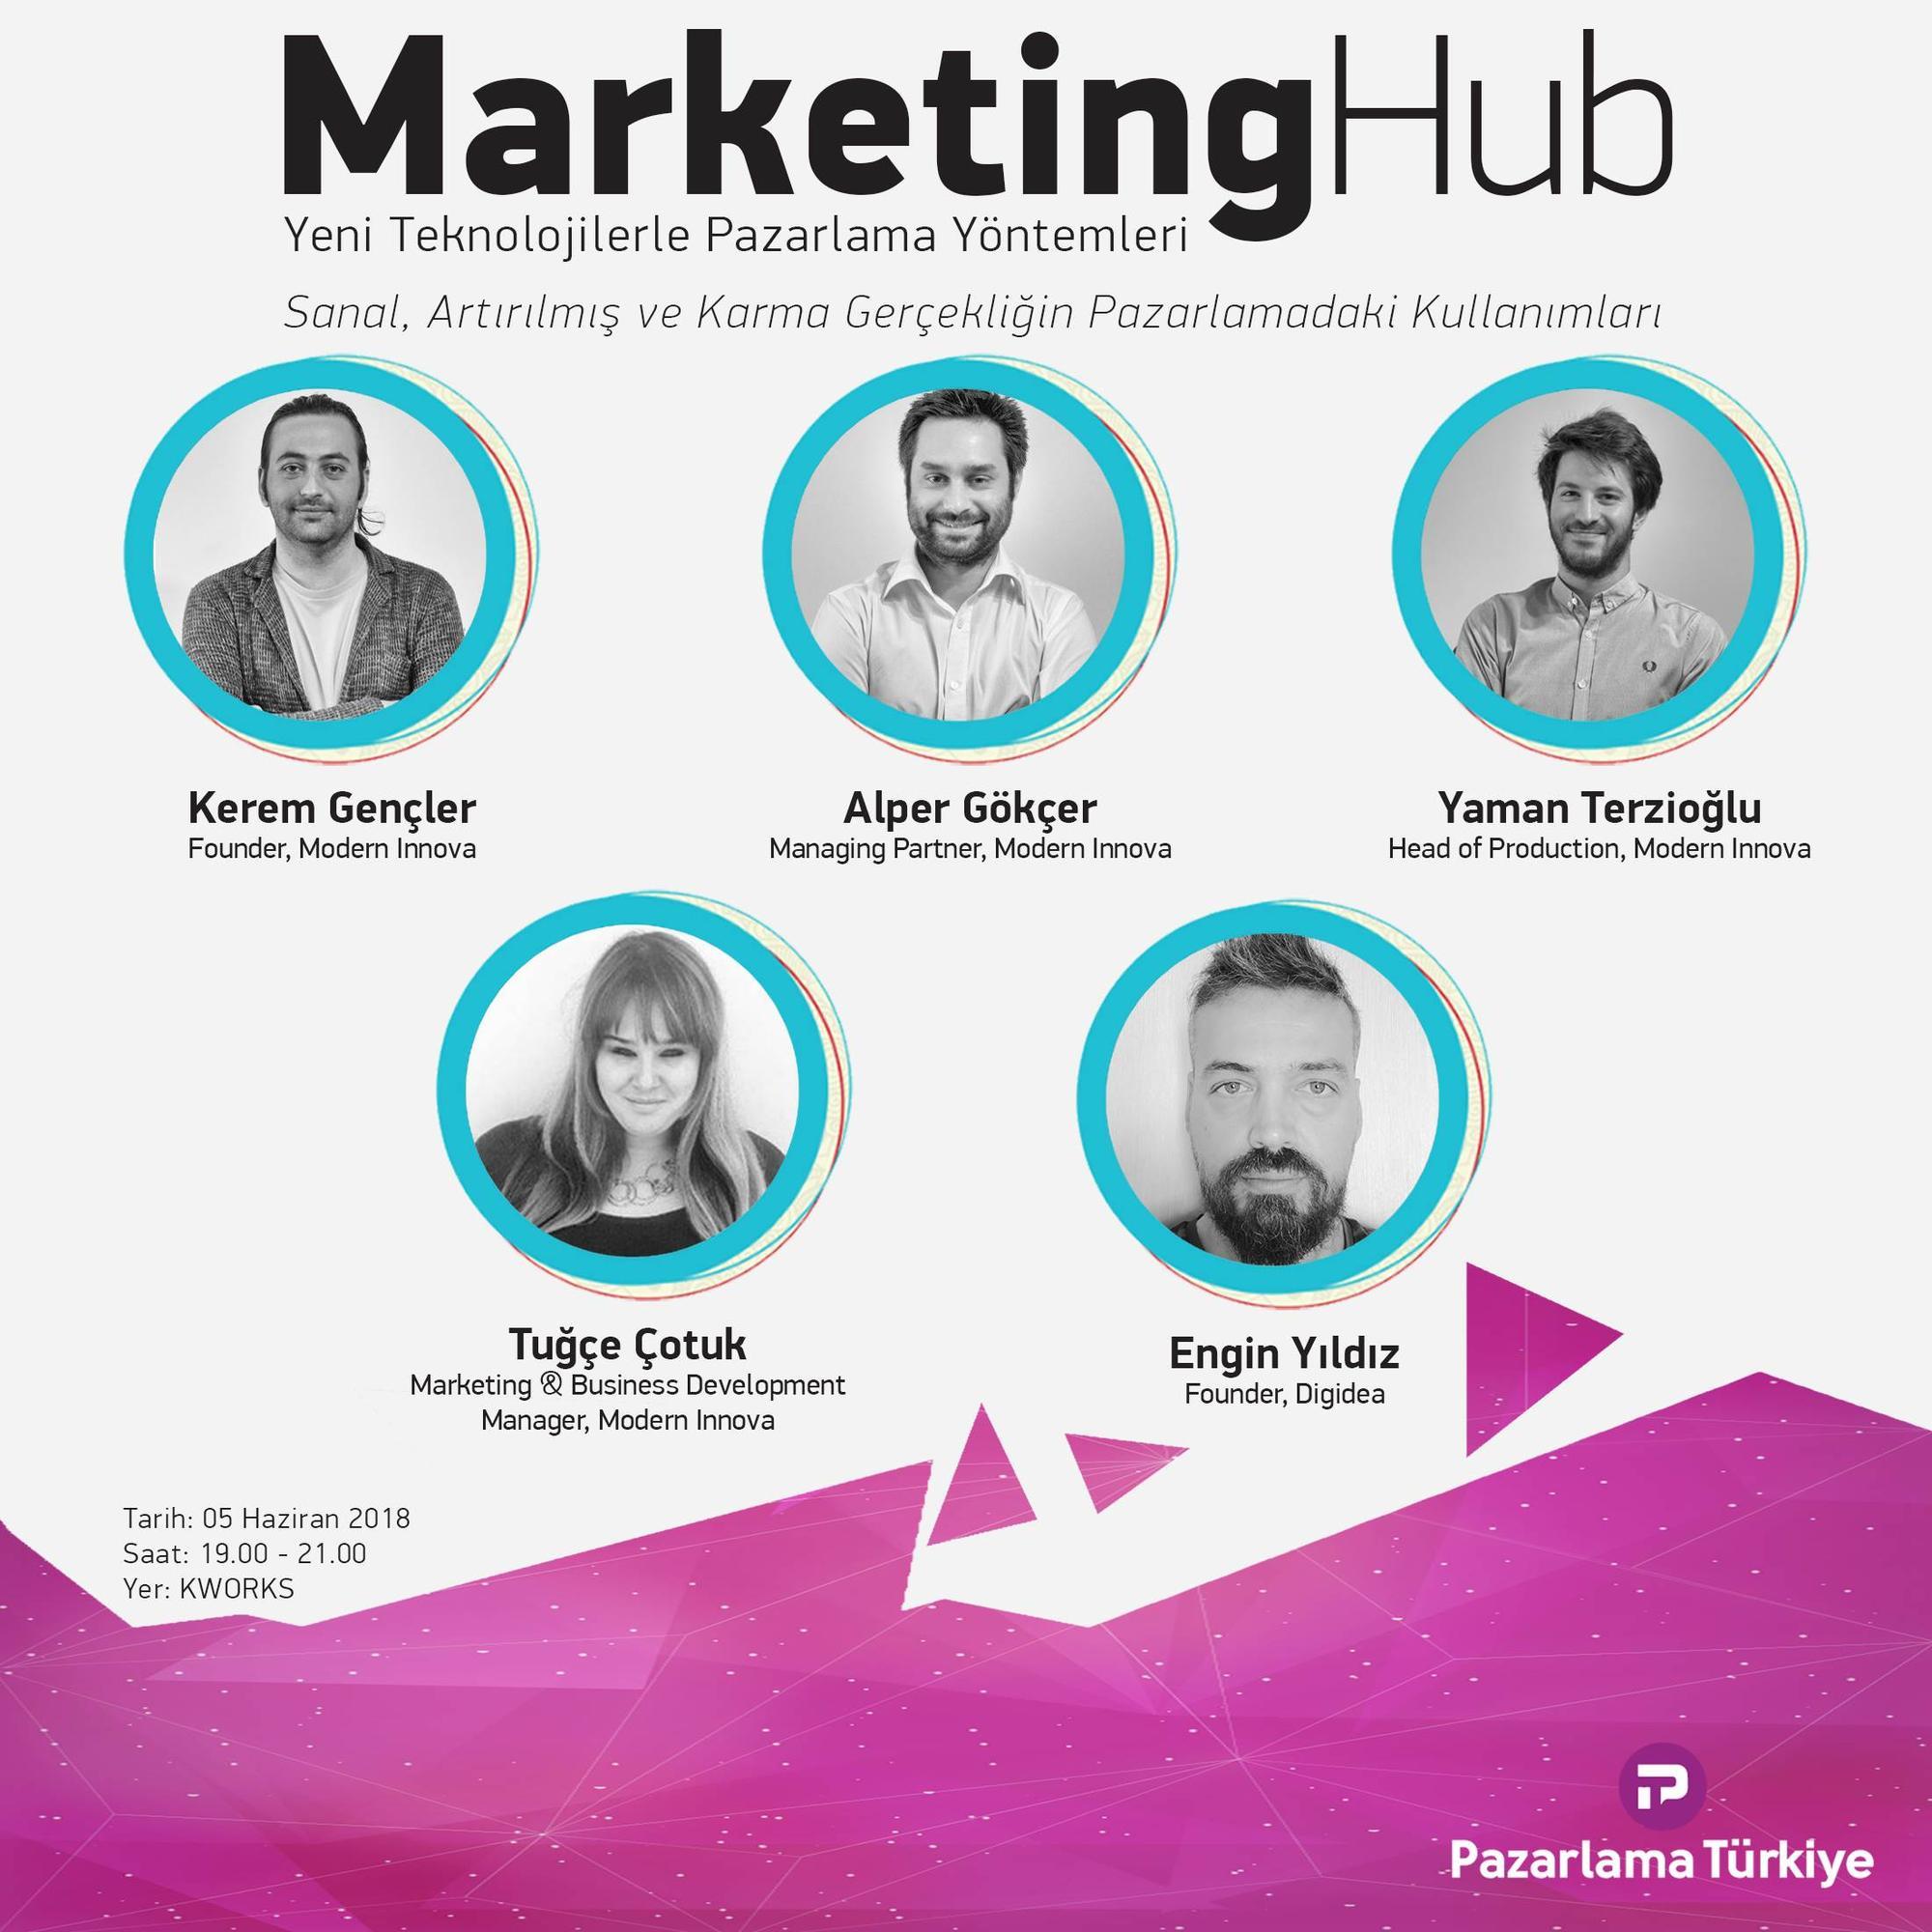 Marketing Hub 5 Haziran'da sanal gerçeklik konusunu ele alıyor!